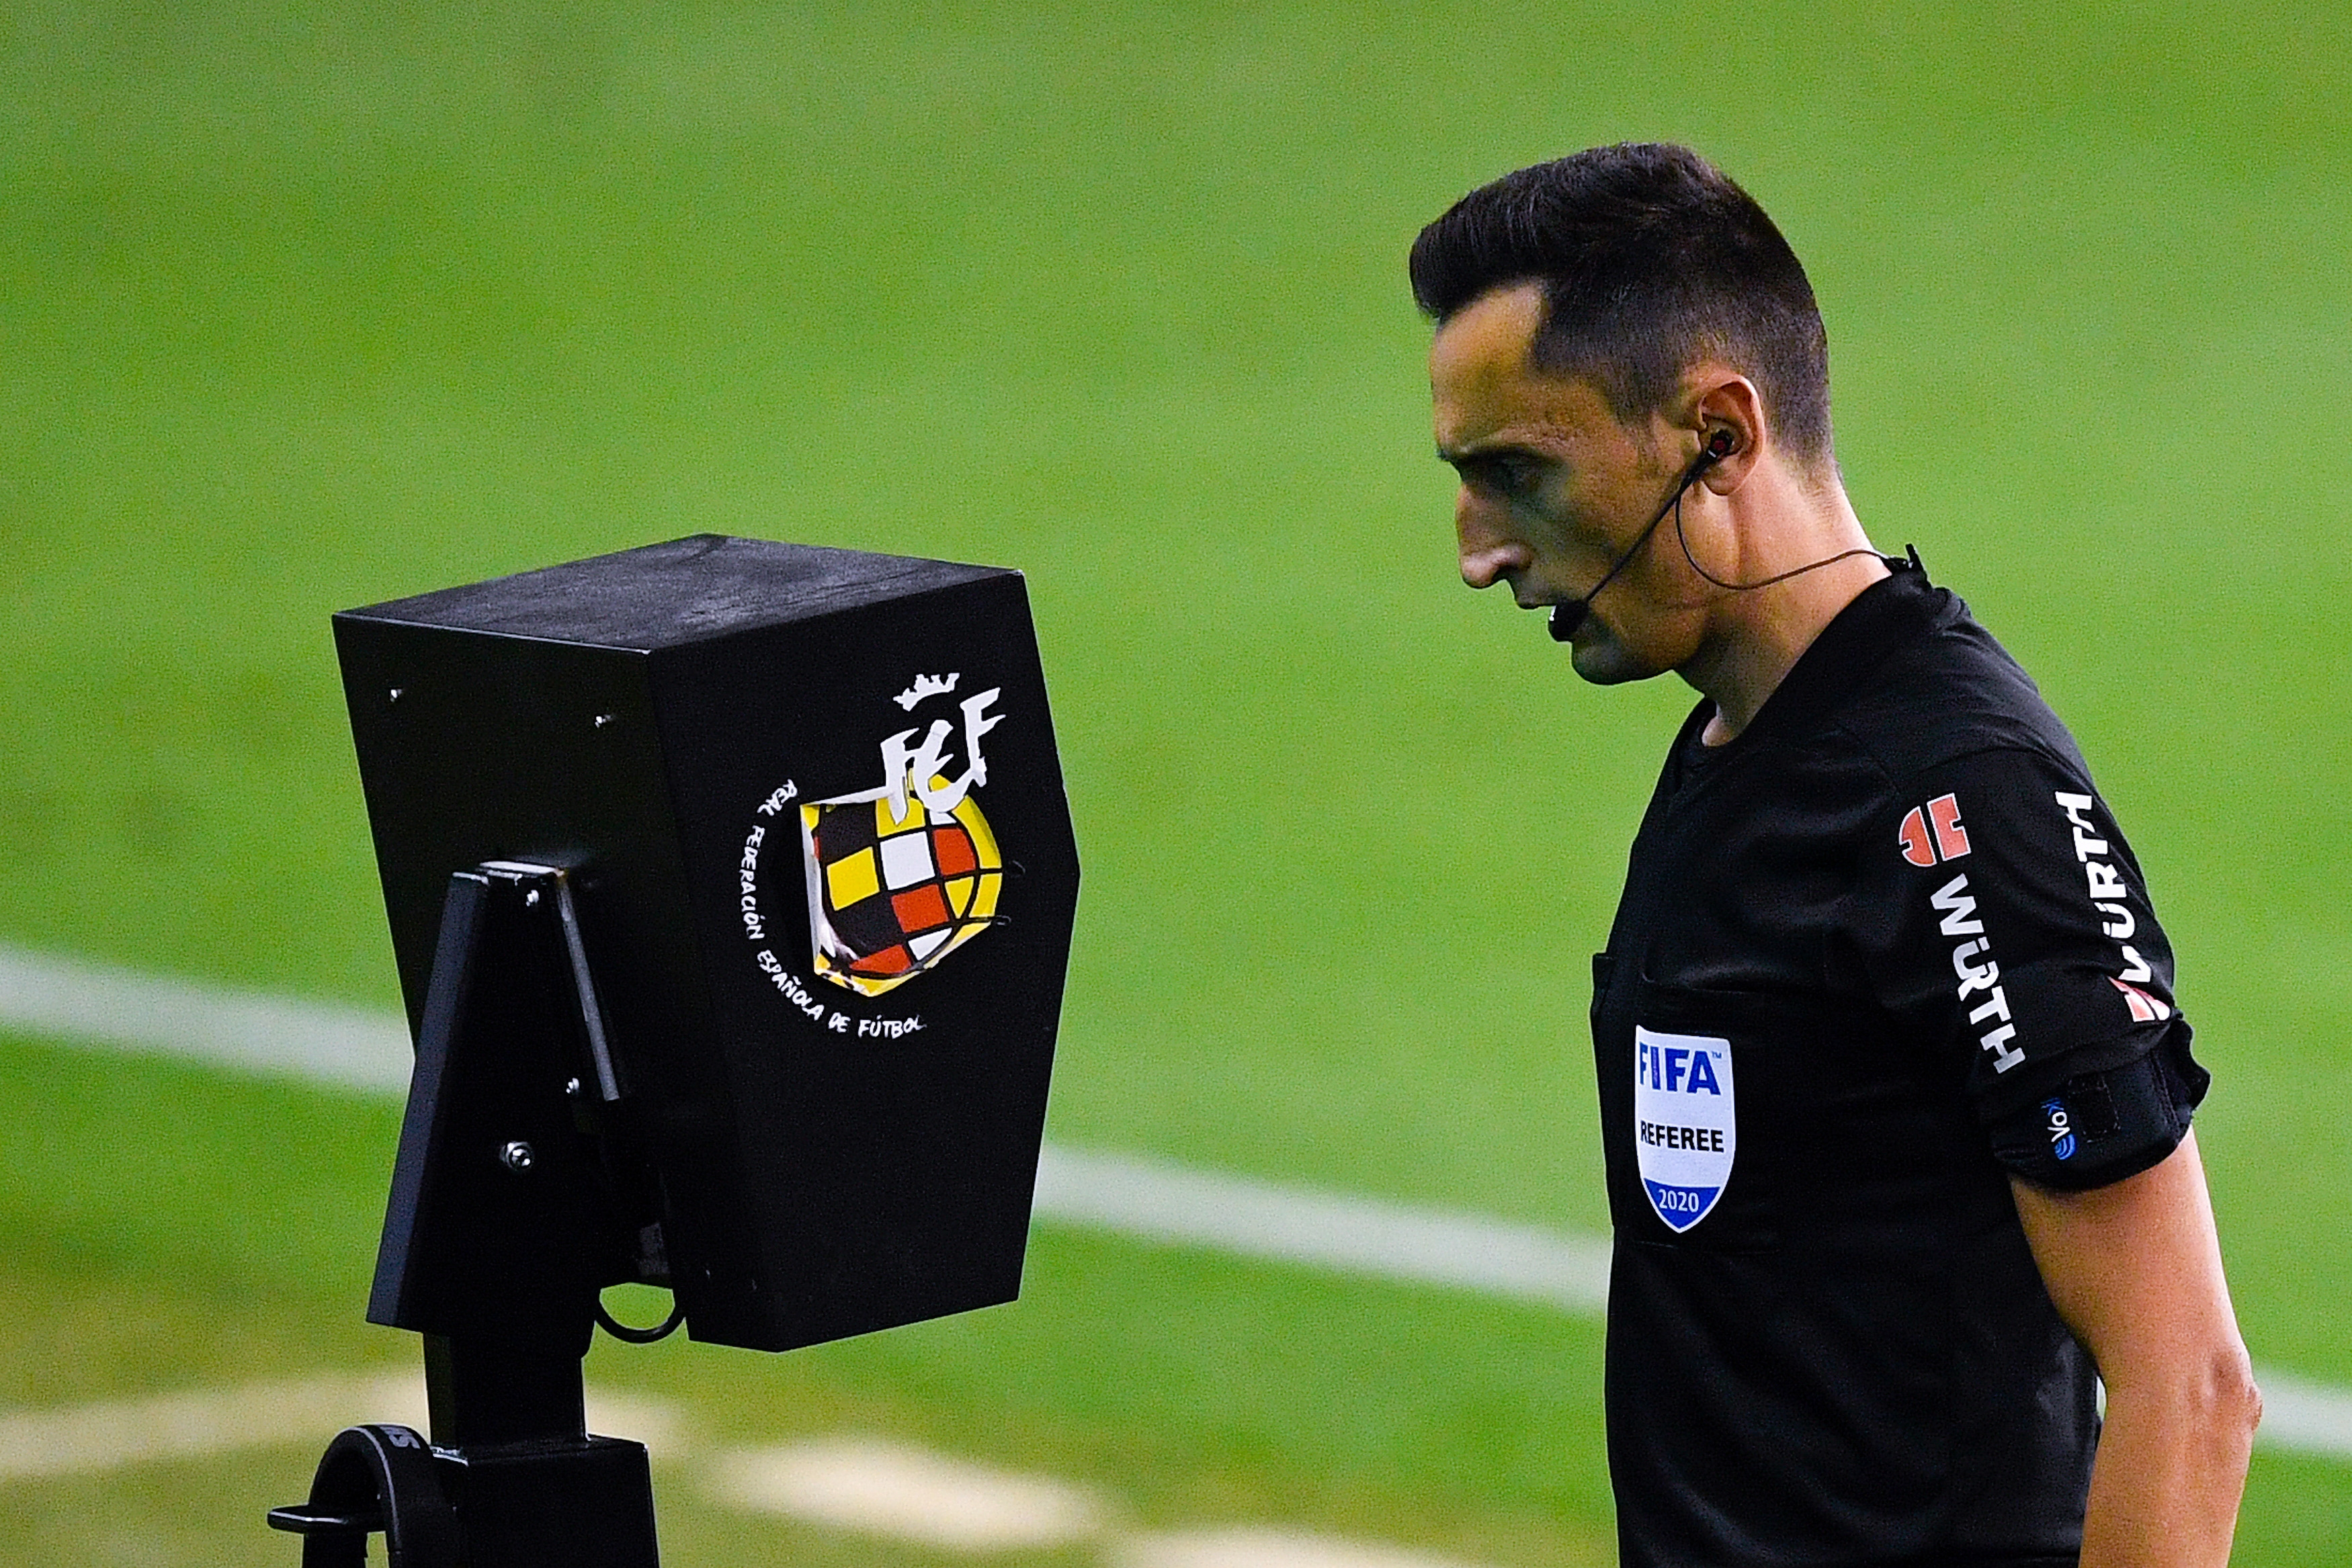 ФИФА иска системата за видеоповторения ВАР да се прилага по